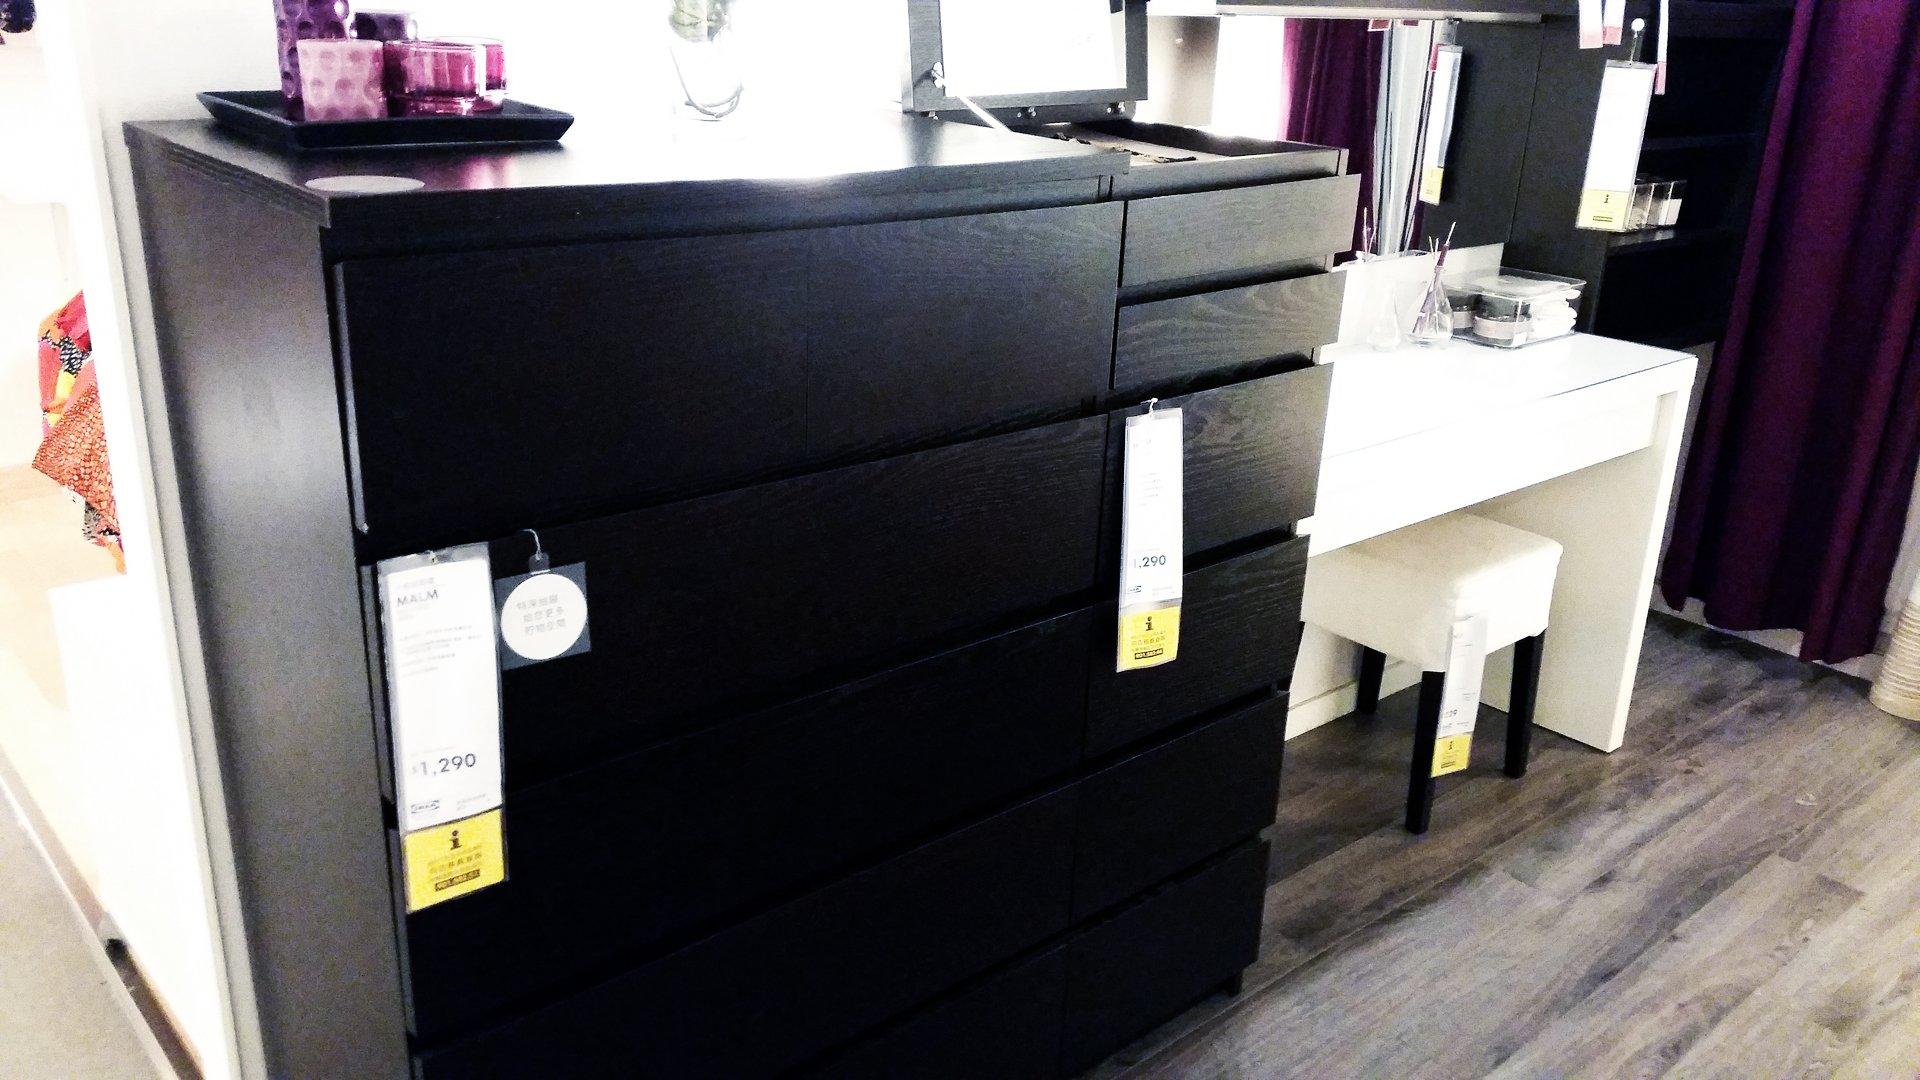 Luxury Dokka Ikea Bed Frame Instructions